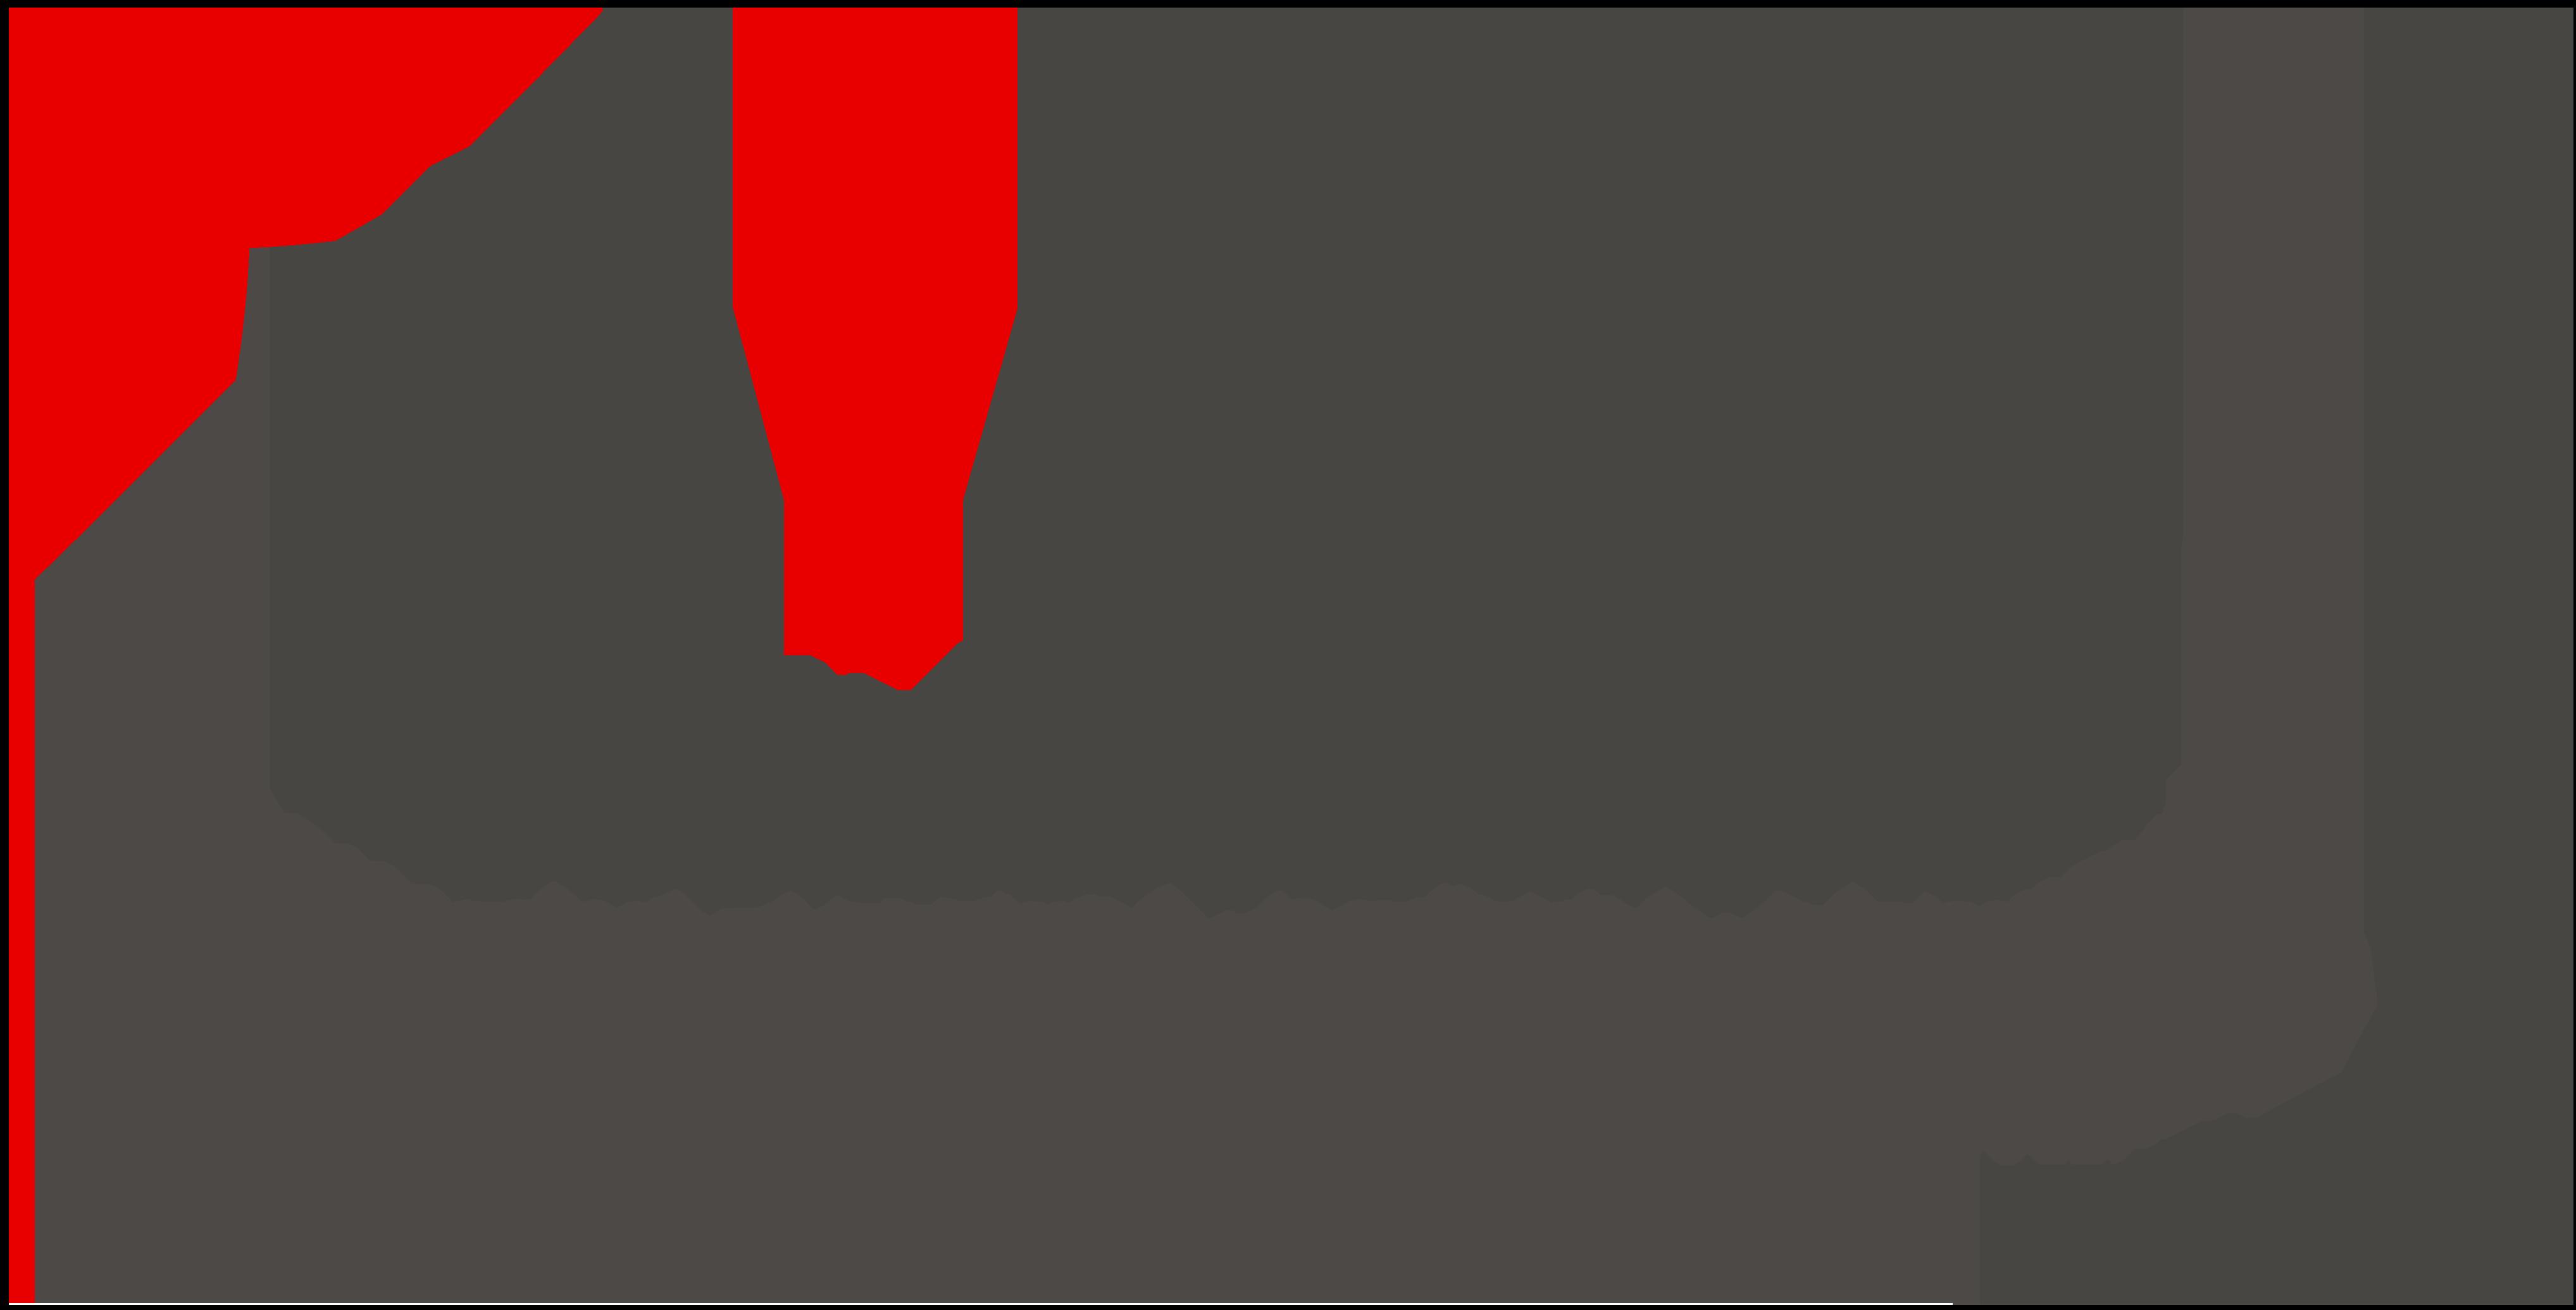 logo-myplace-esteso-payoff